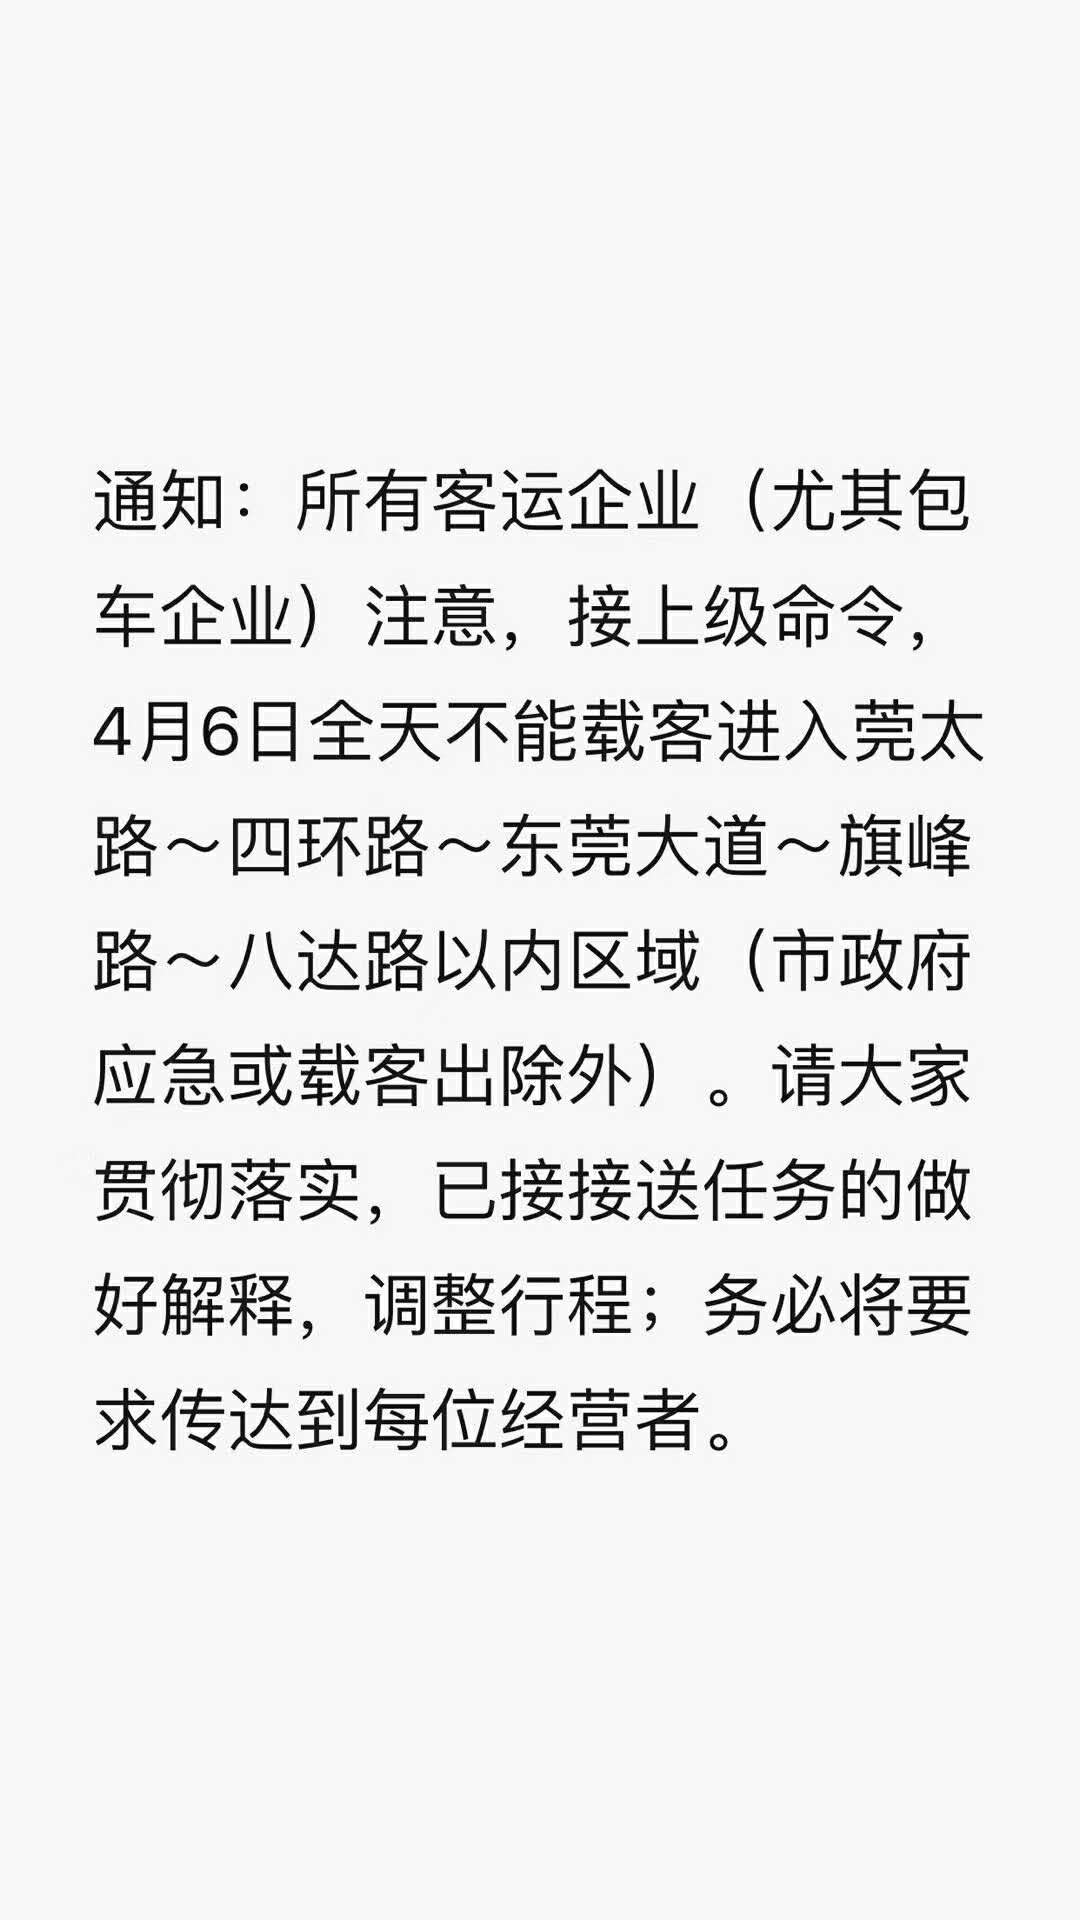 官方通知客運企業4月6日禁止載客。(團貸網難友提供)